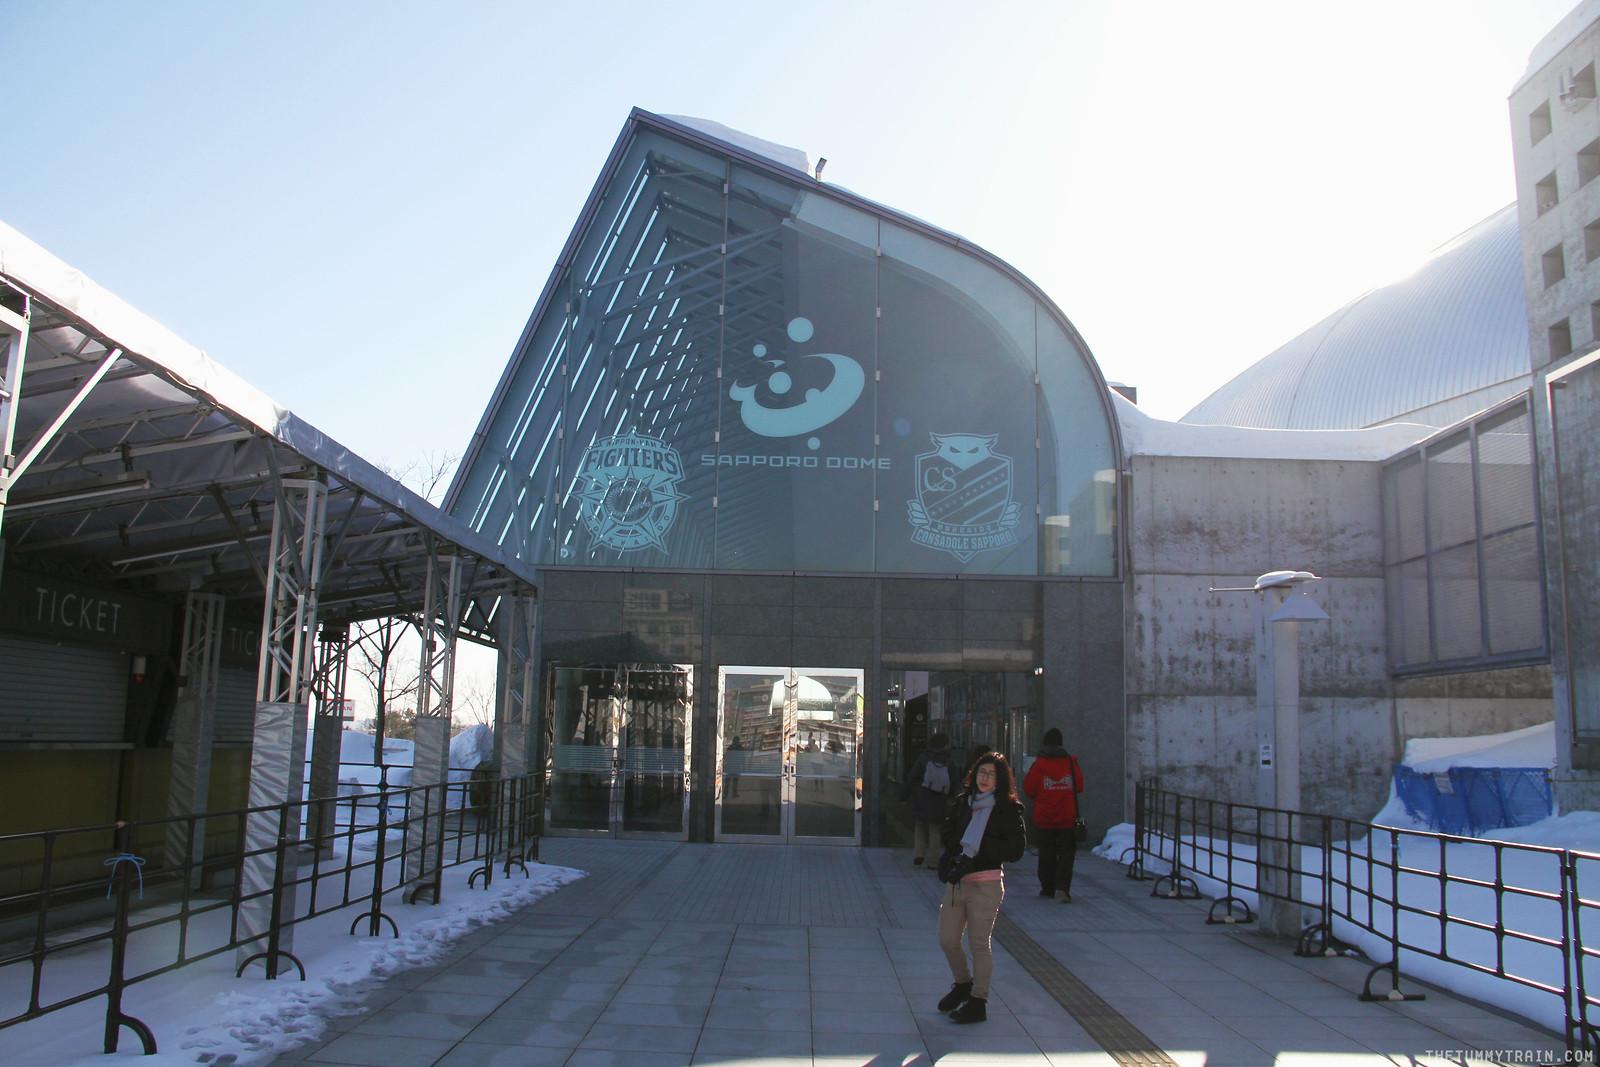 32793038081 48eb3c09ea h - Sapporo Snow And Smile: 8 Unforgettable Winter Experiences in Sapporo City